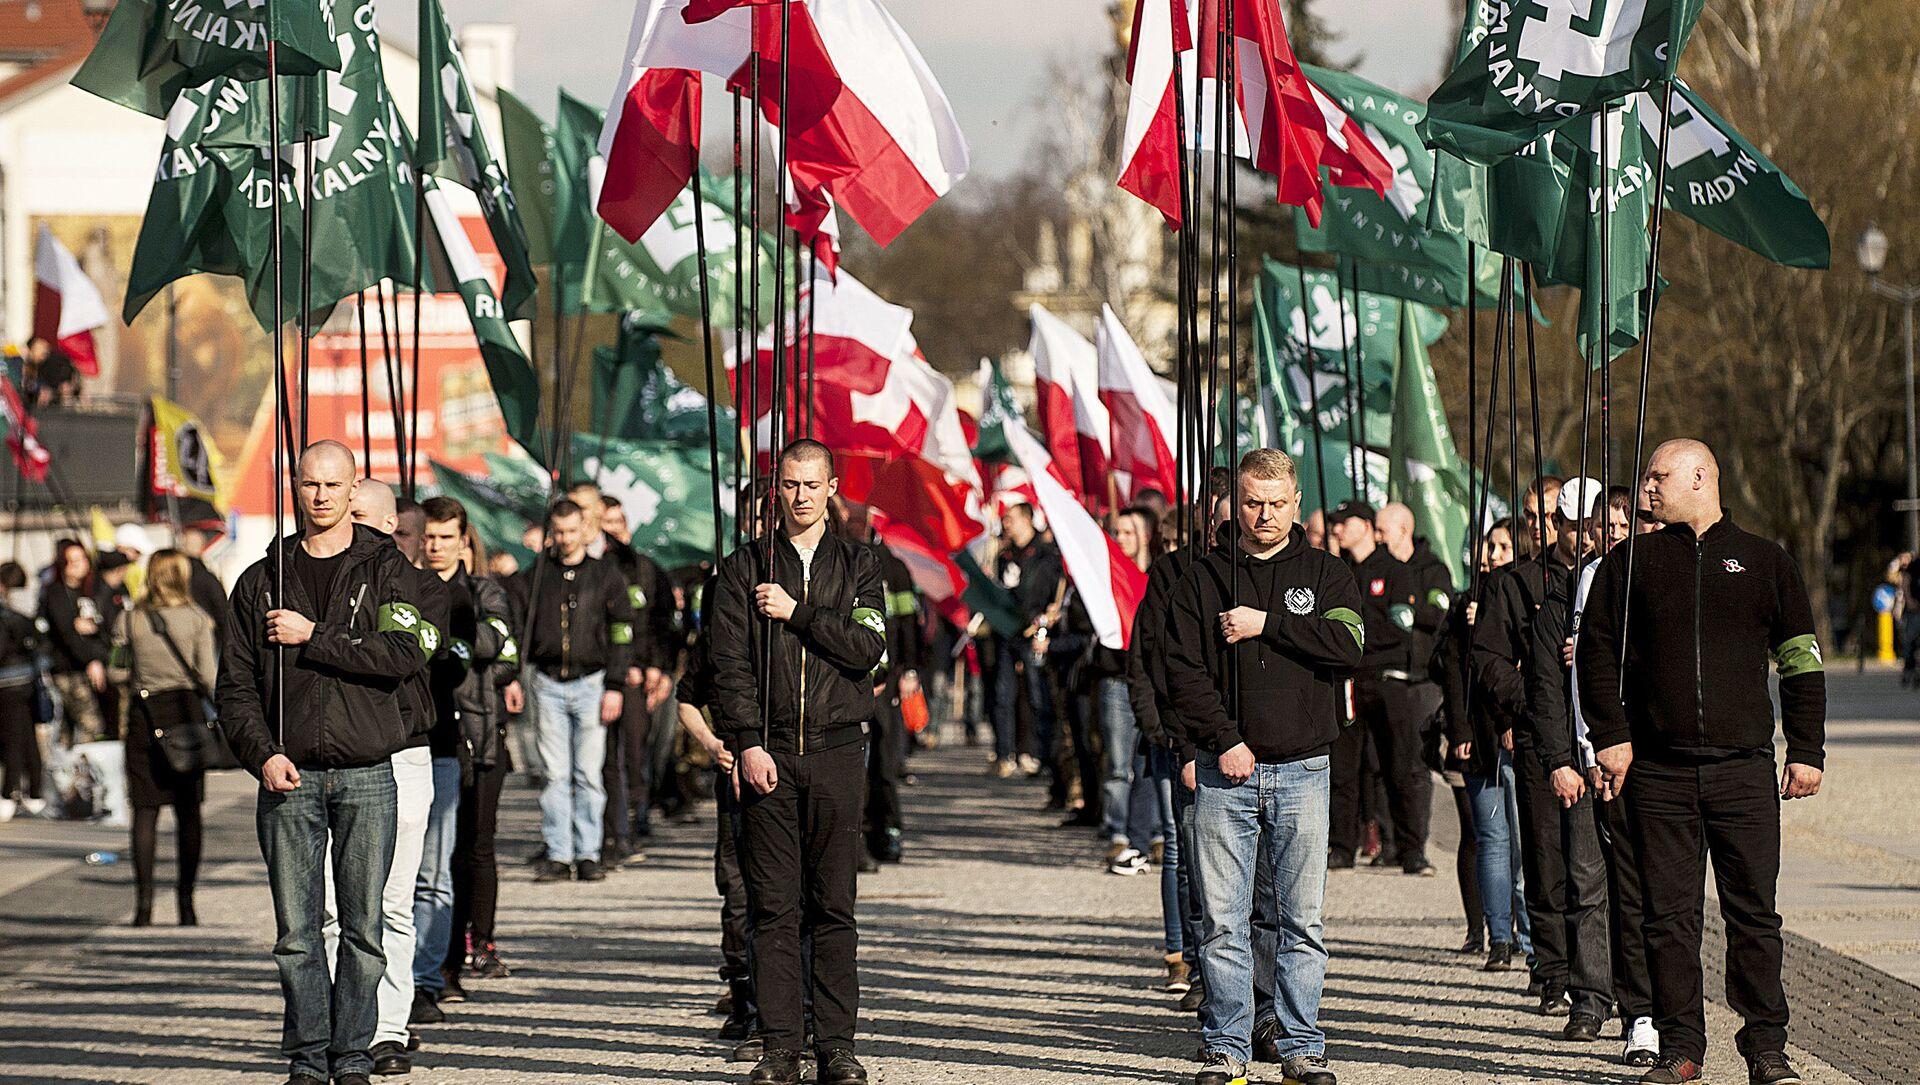 Marsz narodowców w Białymstoku. Zdjęcie archiwalne - Sputnik Polska, 1920, 25.02.2021